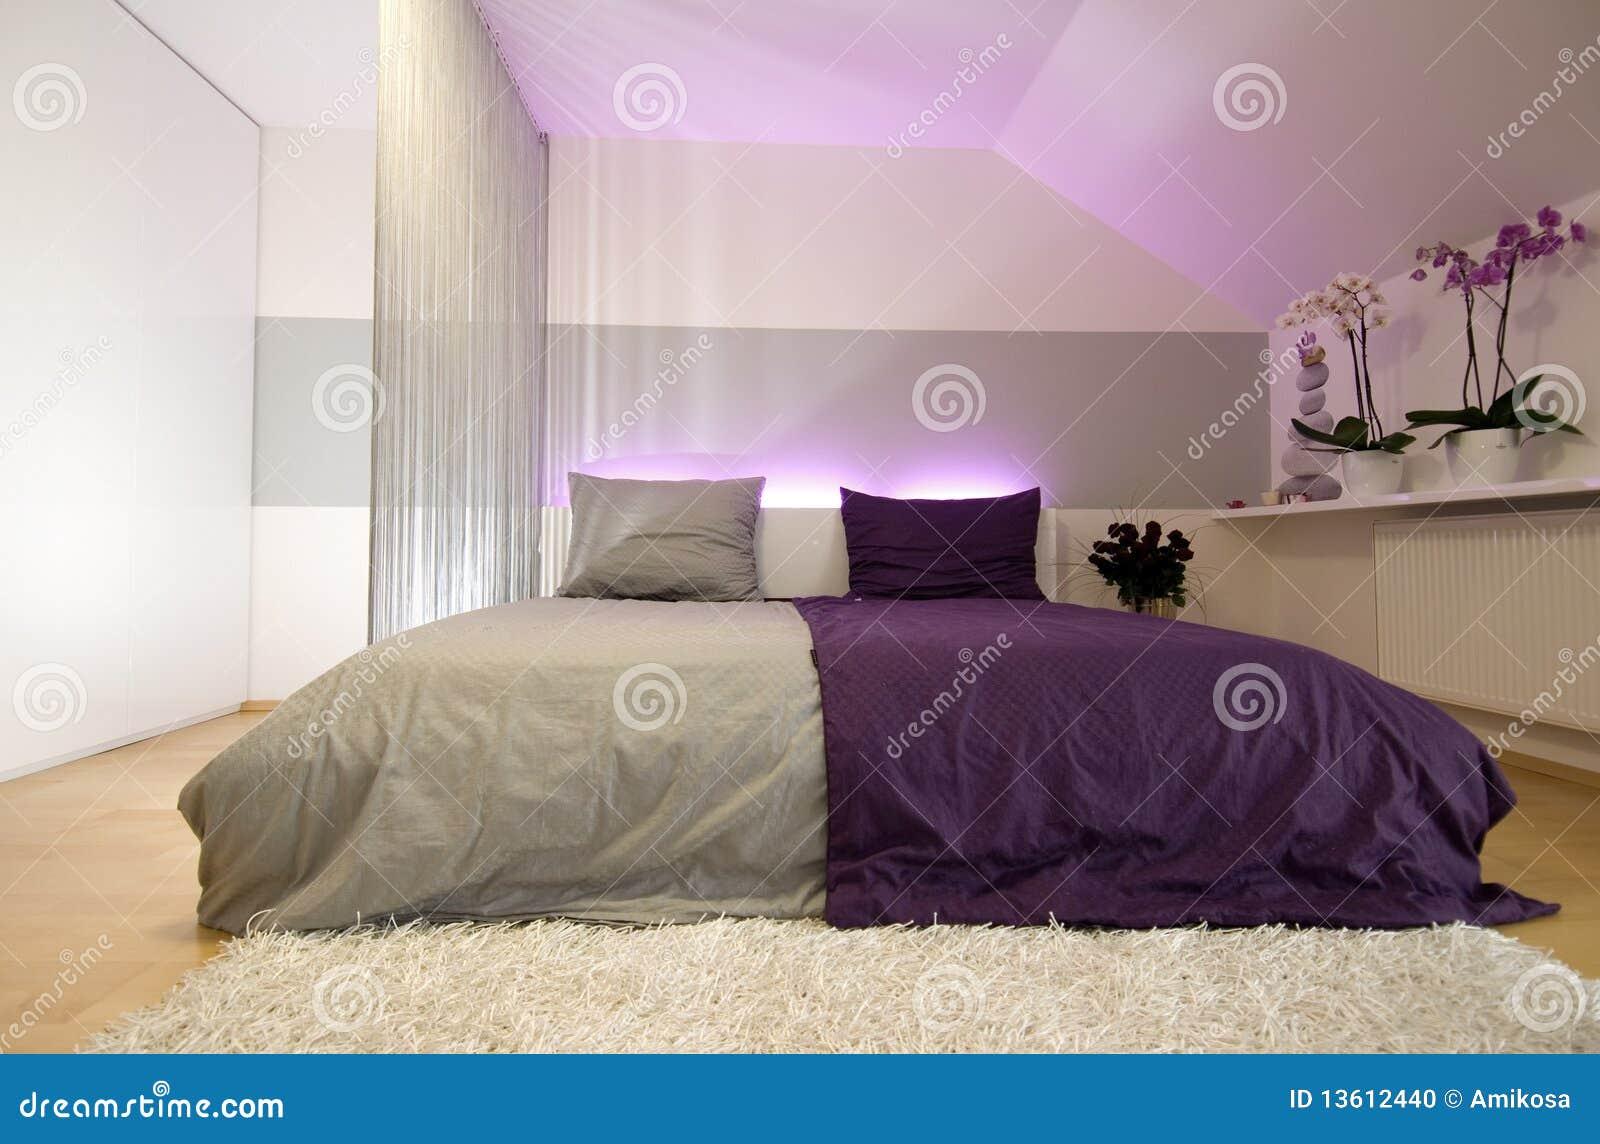 wohnzimmer stockfoto bild von hotel innen architektur 13612440. Black Bedroom Furniture Sets. Home Design Ideas